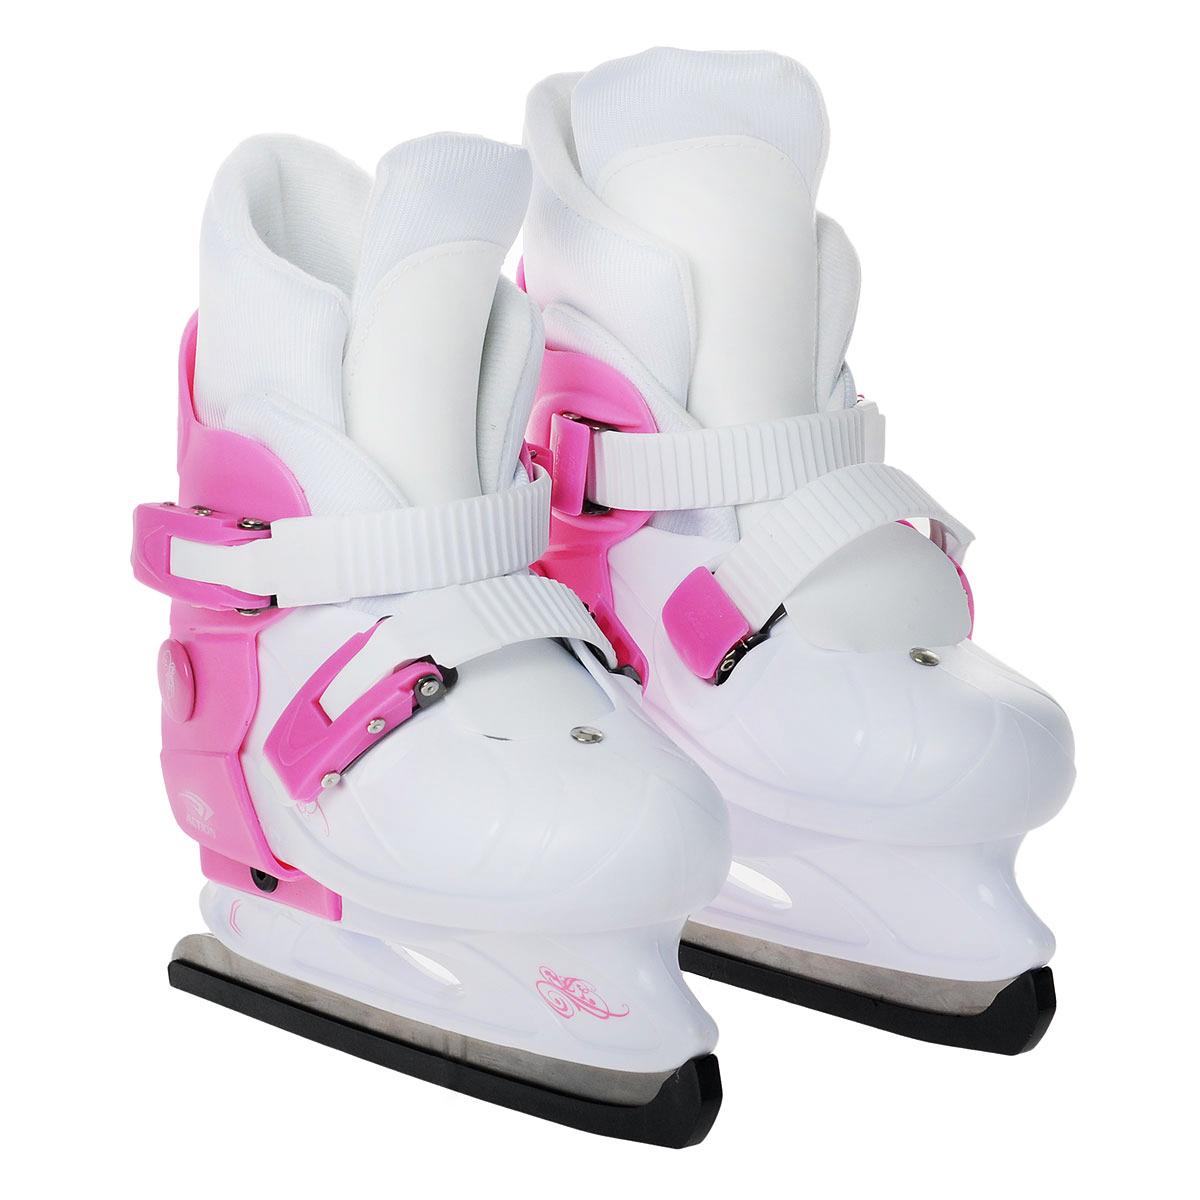 Коньки ледовые Action PW-219, раздвижные, цвет: розовый, белый. Размер 37/40